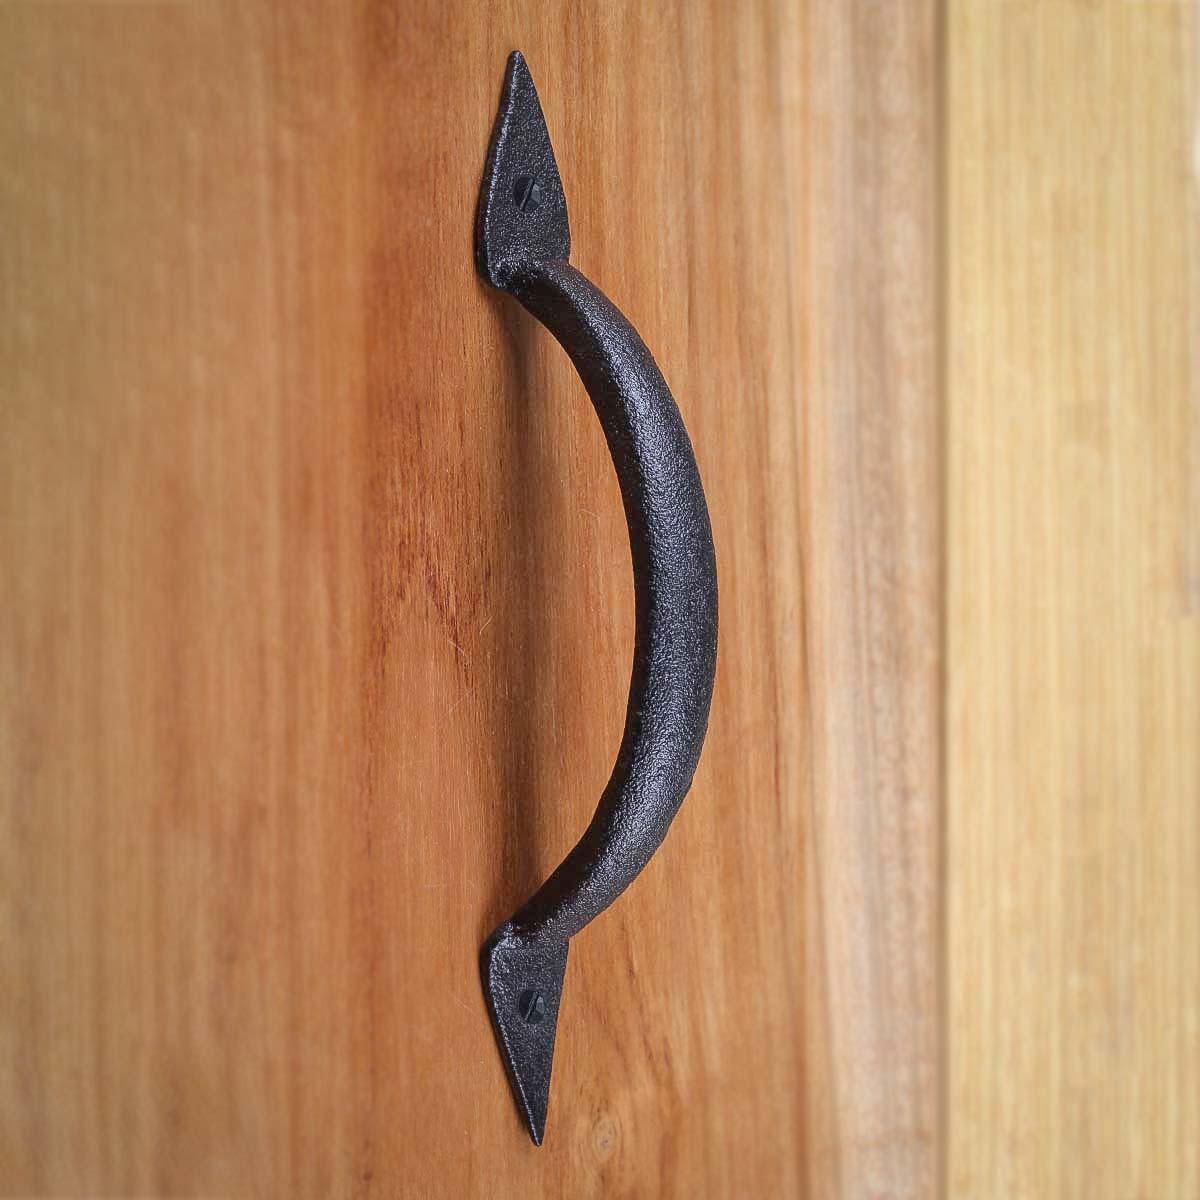 4 Door Pull Spike Black Wrought Iron 6 38 H X 1 14 W Door Pull Black Door Pulls Iron Door Pulls